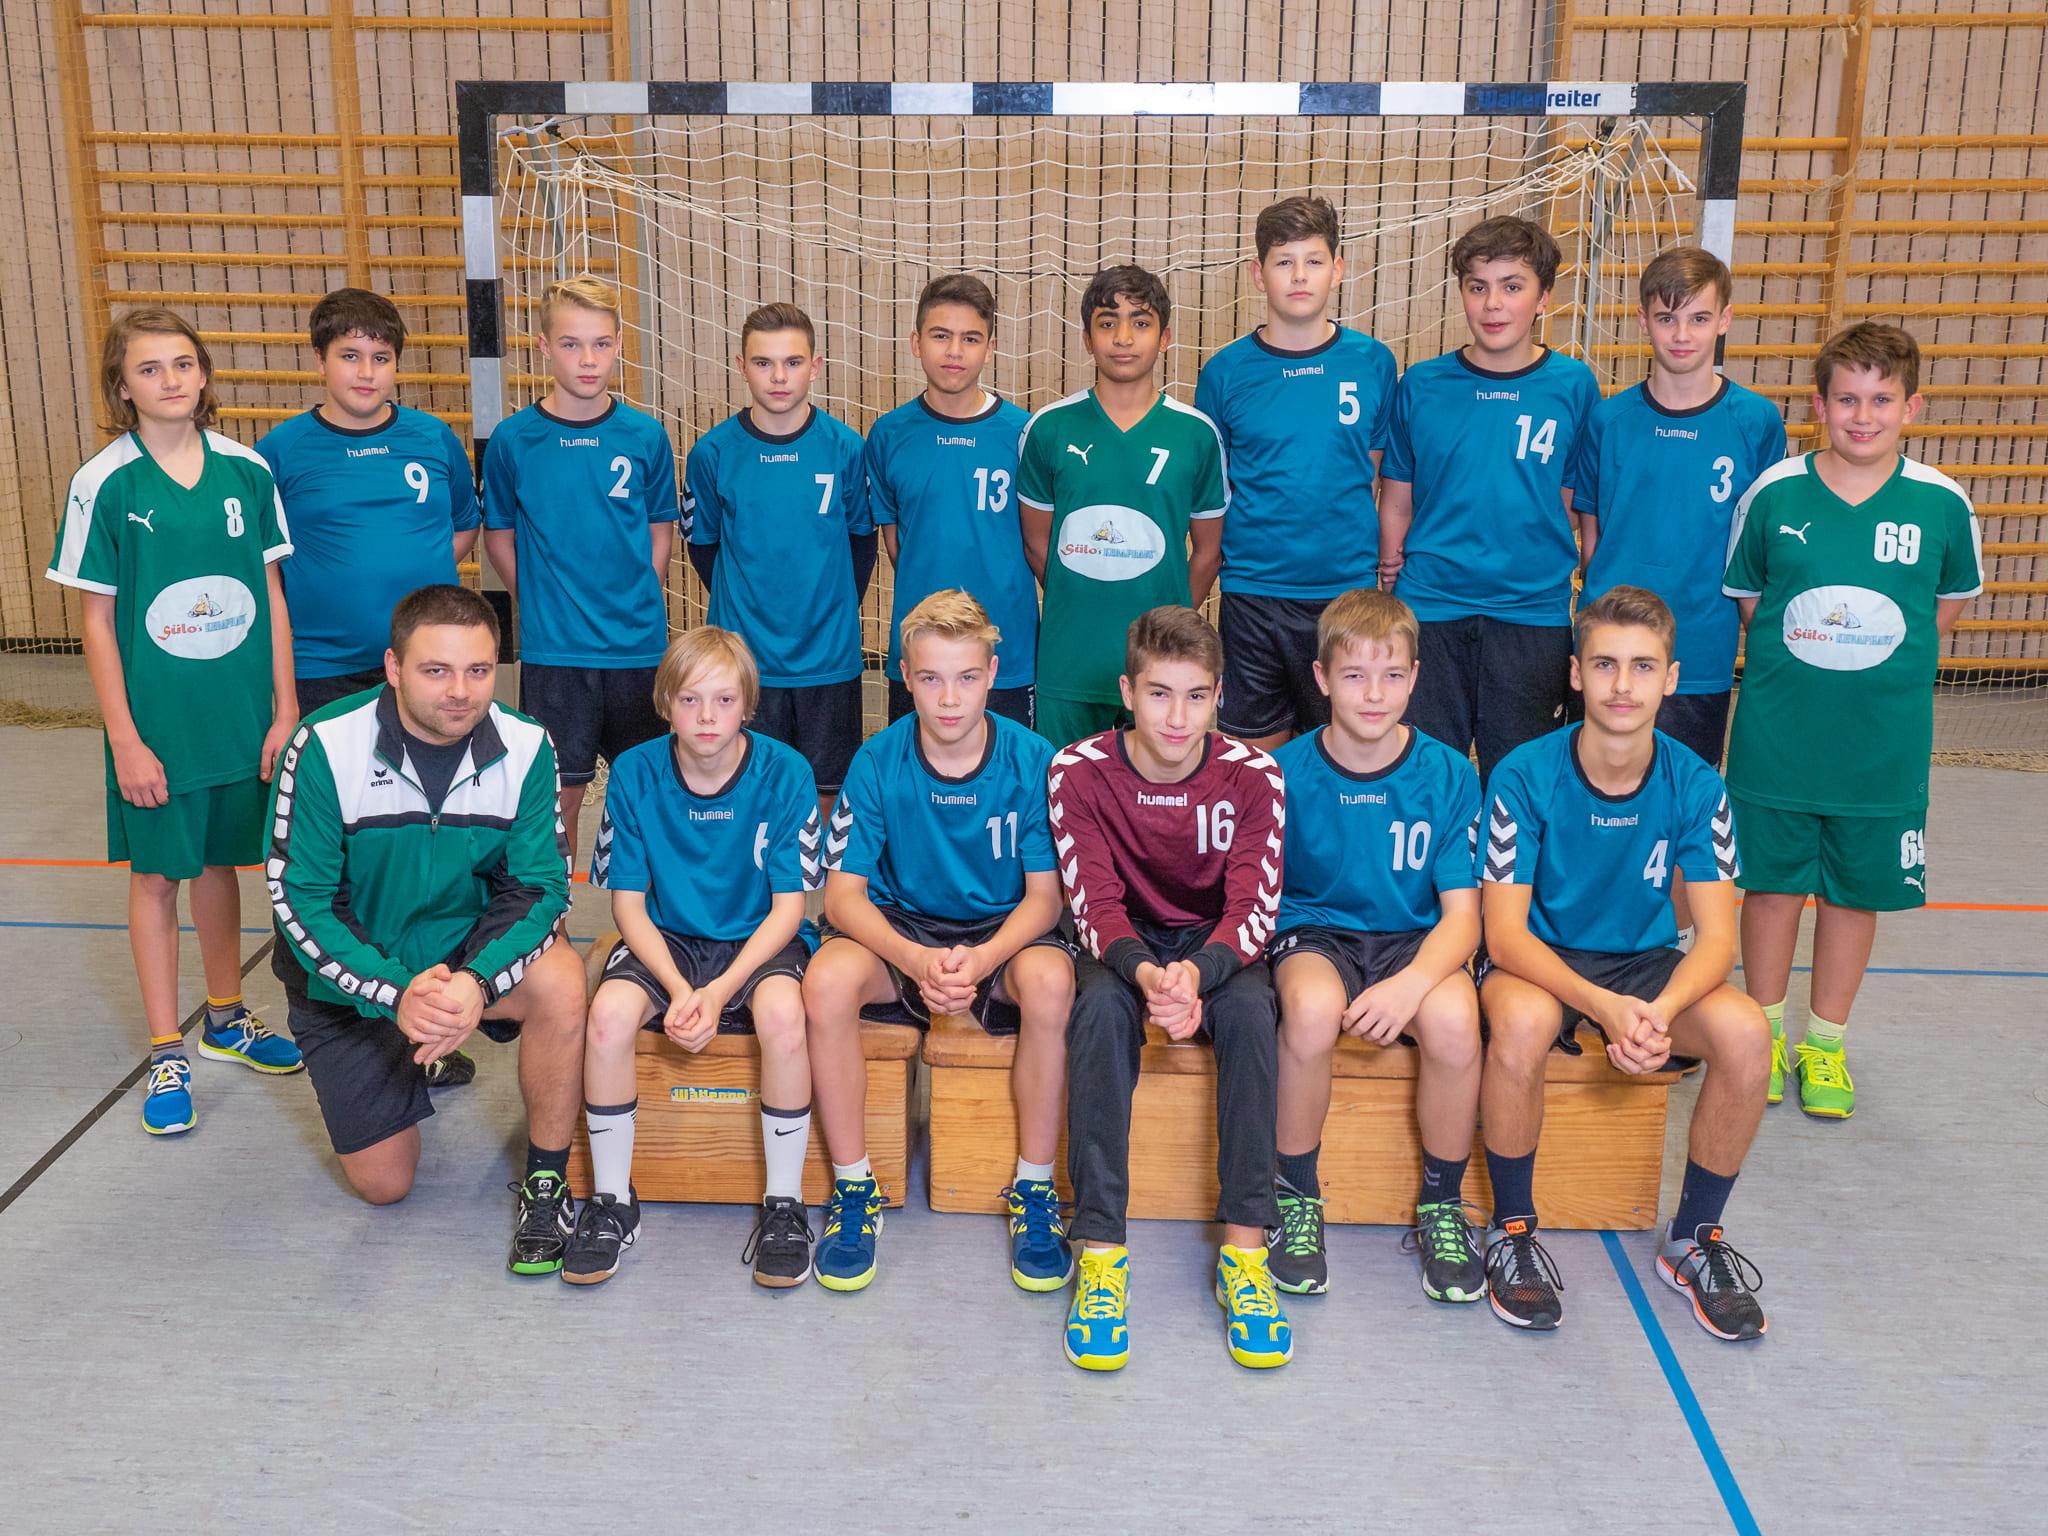 männliche C-Jugend - TSV Gersthofen